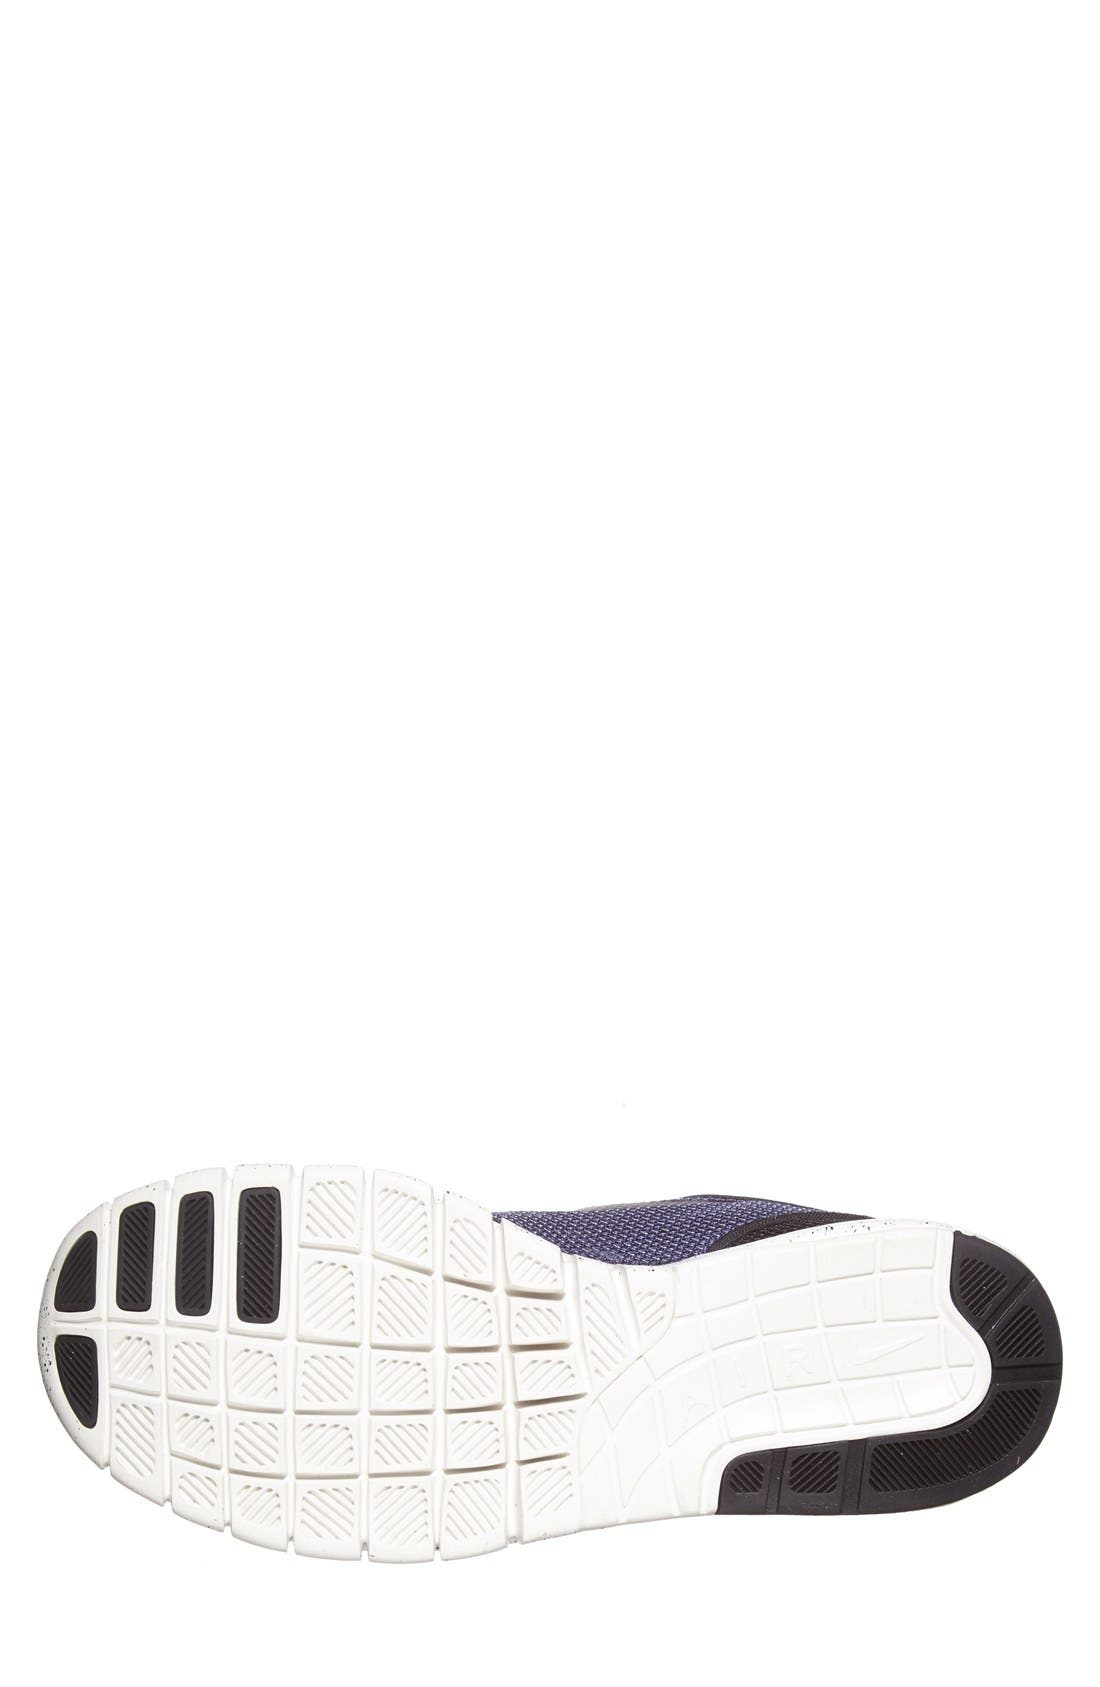 'Stefan Janoski - Max SB' Skate Shoe,                             Alternate thumbnail 9, color,                             BLACK/ PRO PURPLE/ WHITE